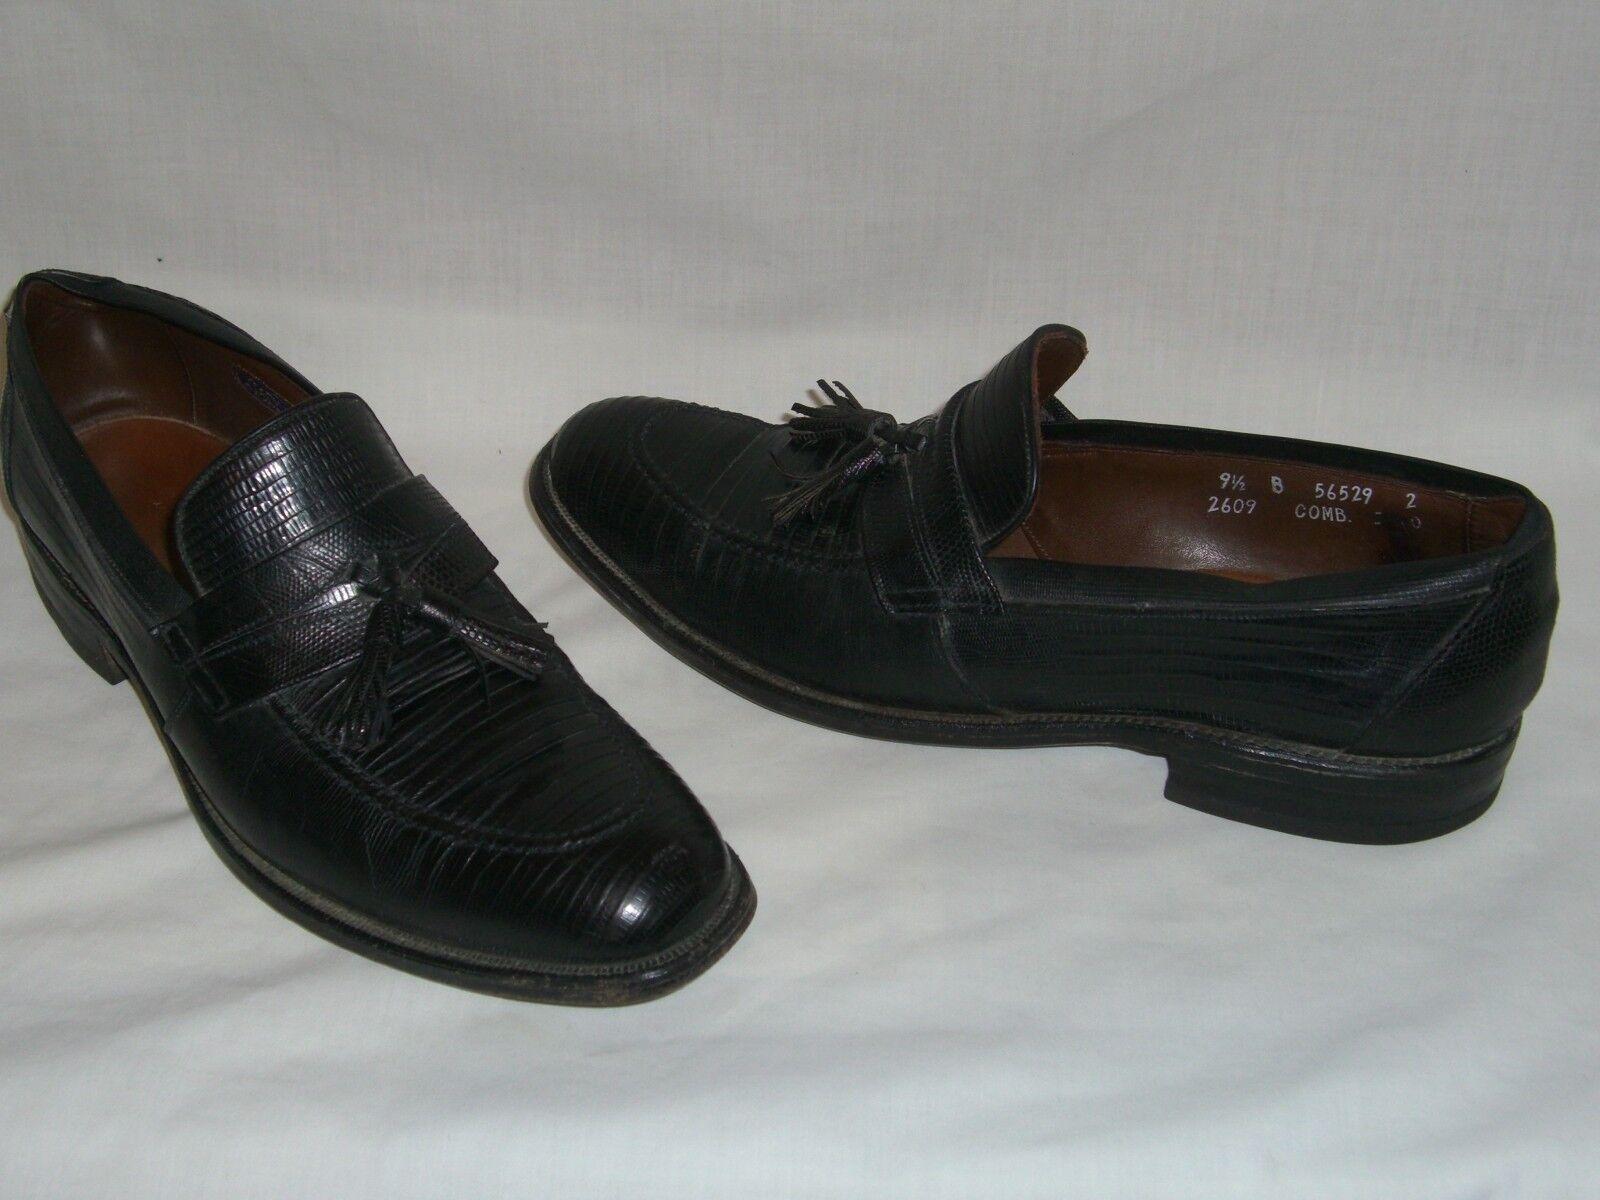 ALLEN EDMONDS Black Exotic Lizard Skin Leather Tassel Loafers Men's 9.5 B - EUC